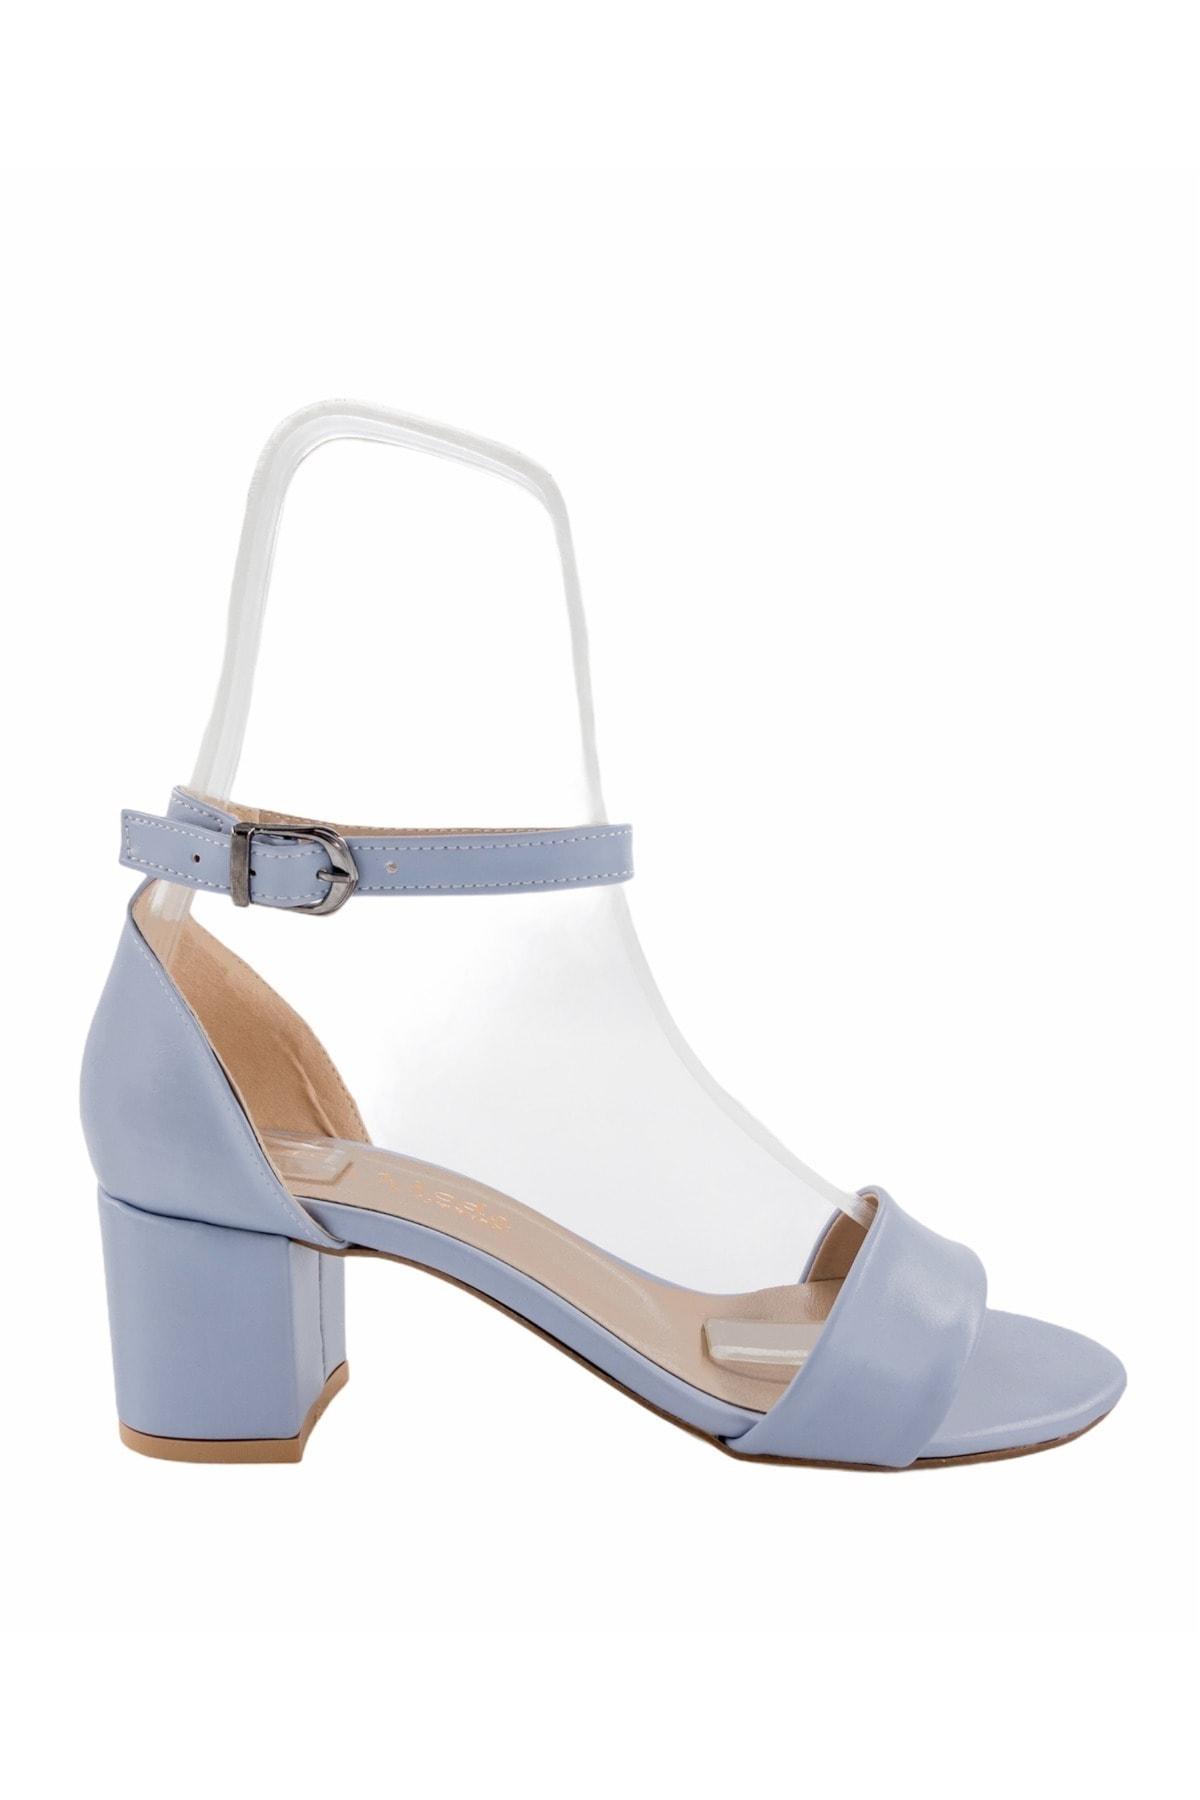 پاشنه بلند مجلسی زنانه اسپرت برند Gess رنگ آبی کد ty94652799